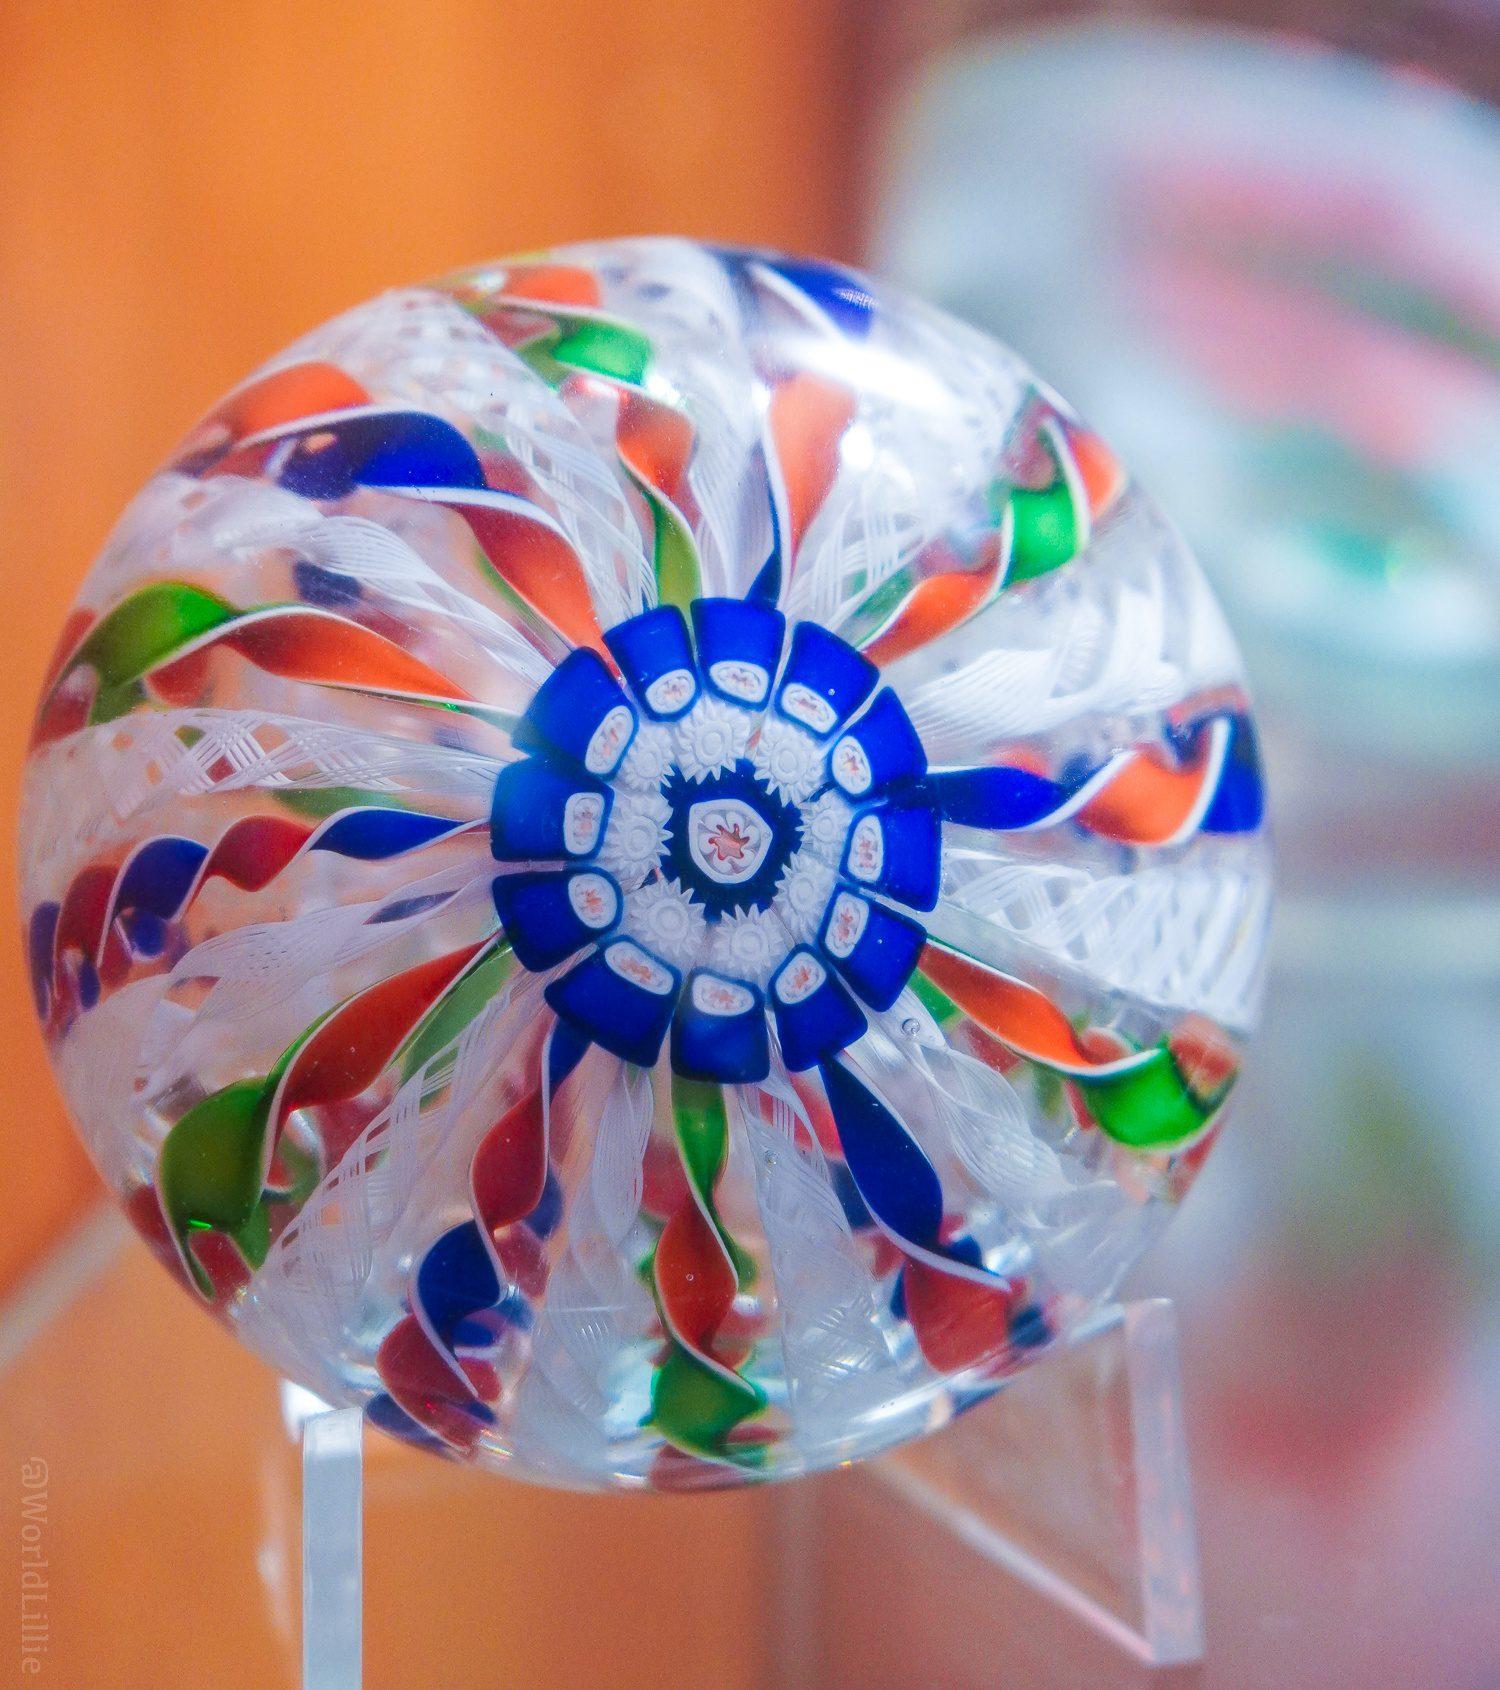 Eyeball glass paperweight